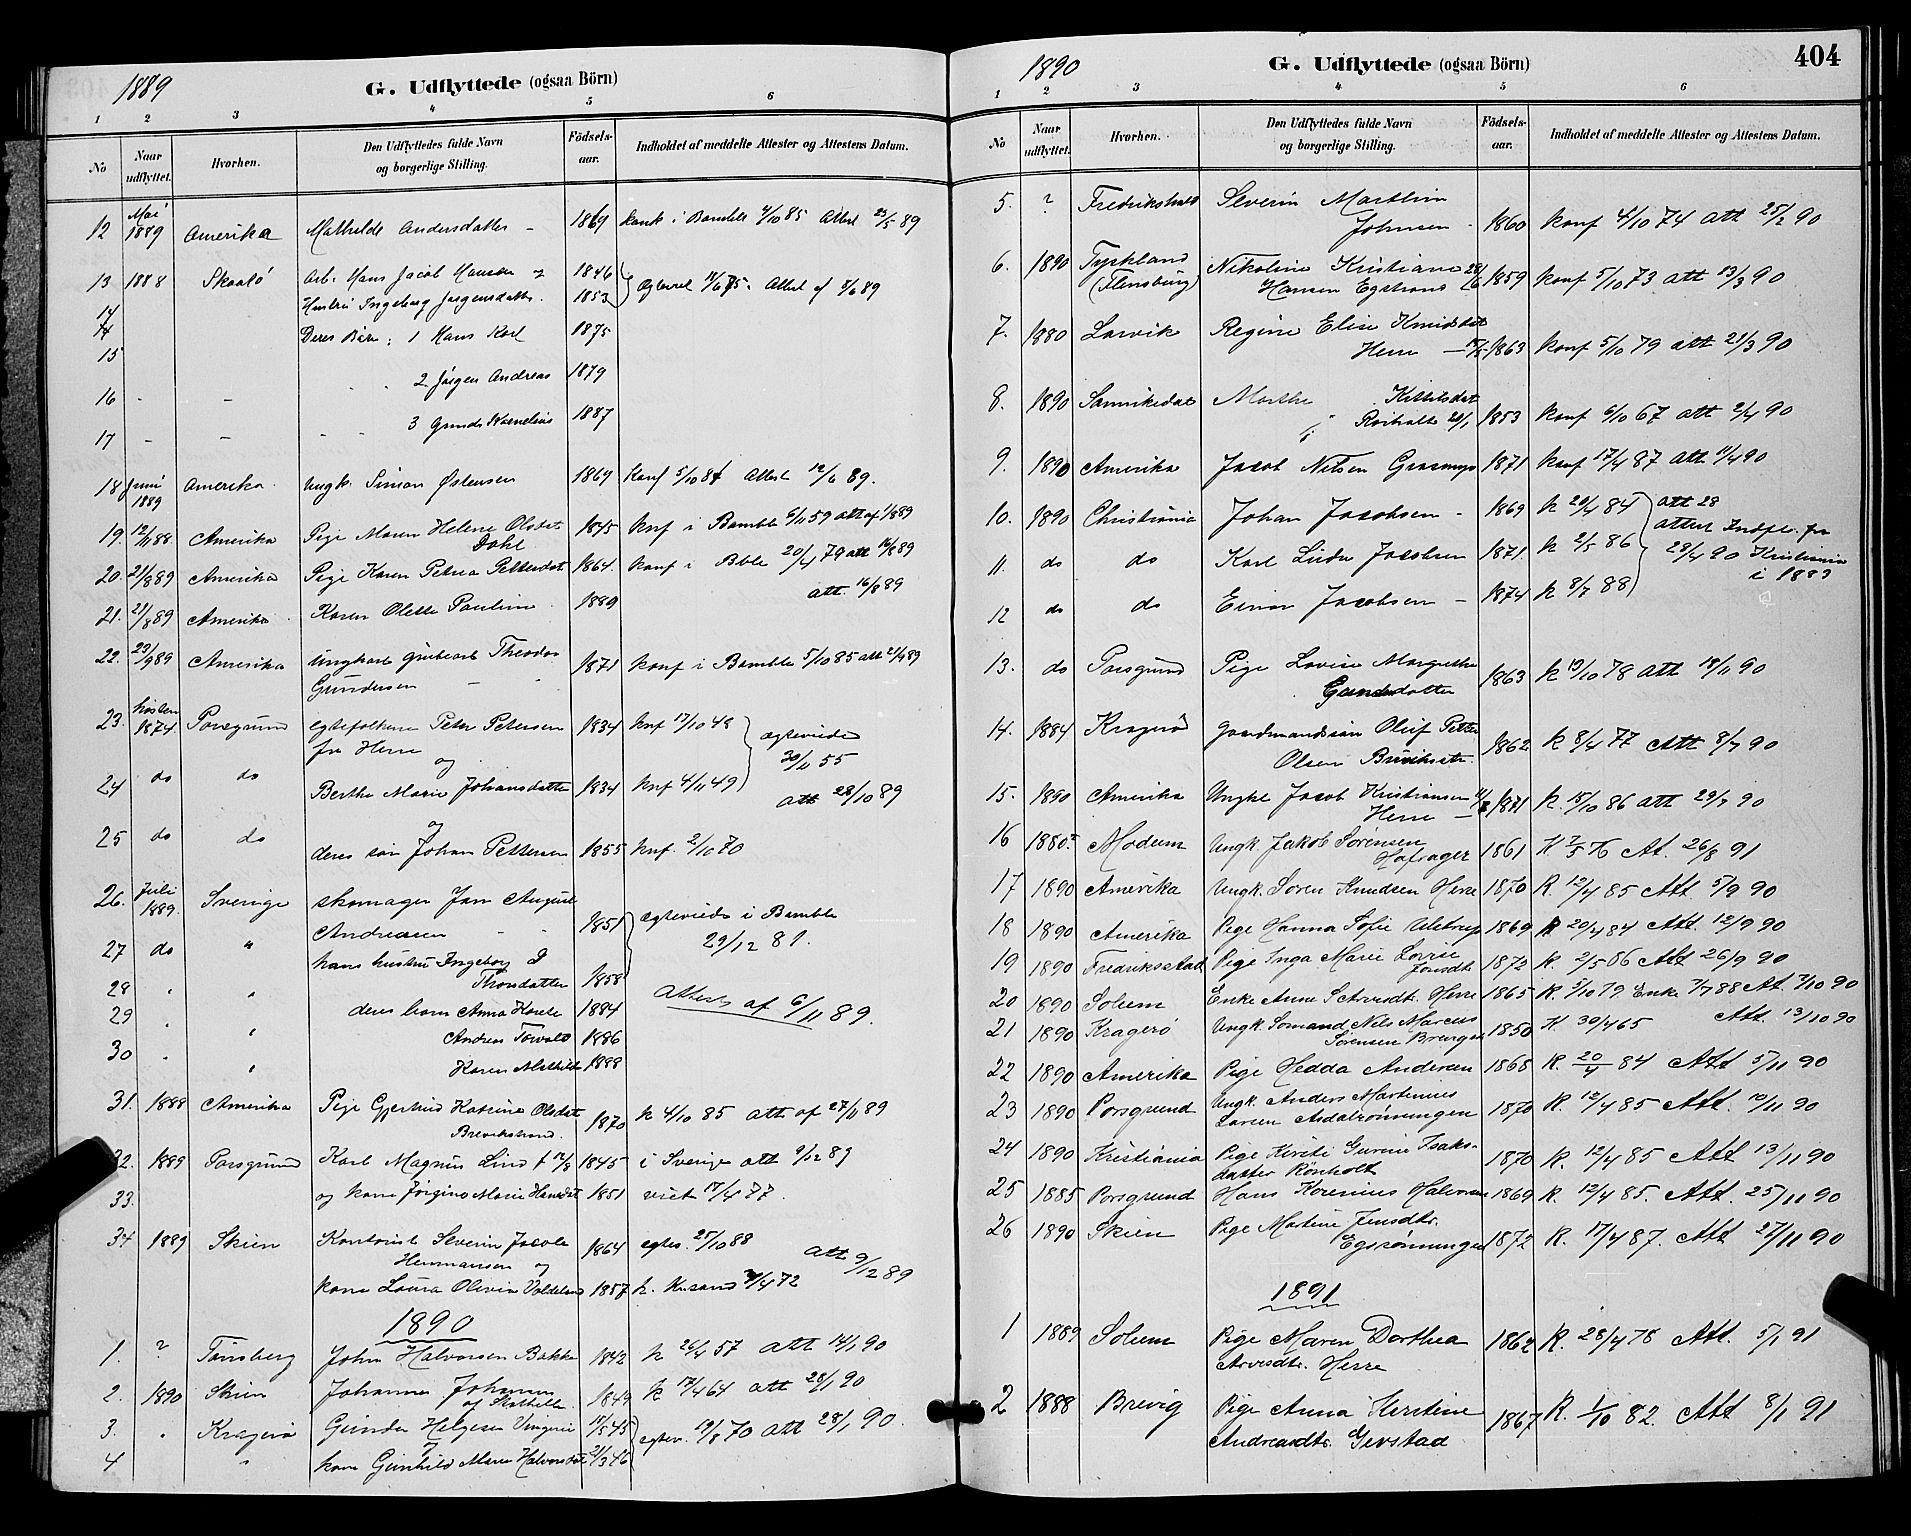 SAKO, Bamble kirkebøker, G/Ga/L0009: Klokkerbok nr. I 9, 1888-1900, s. 404